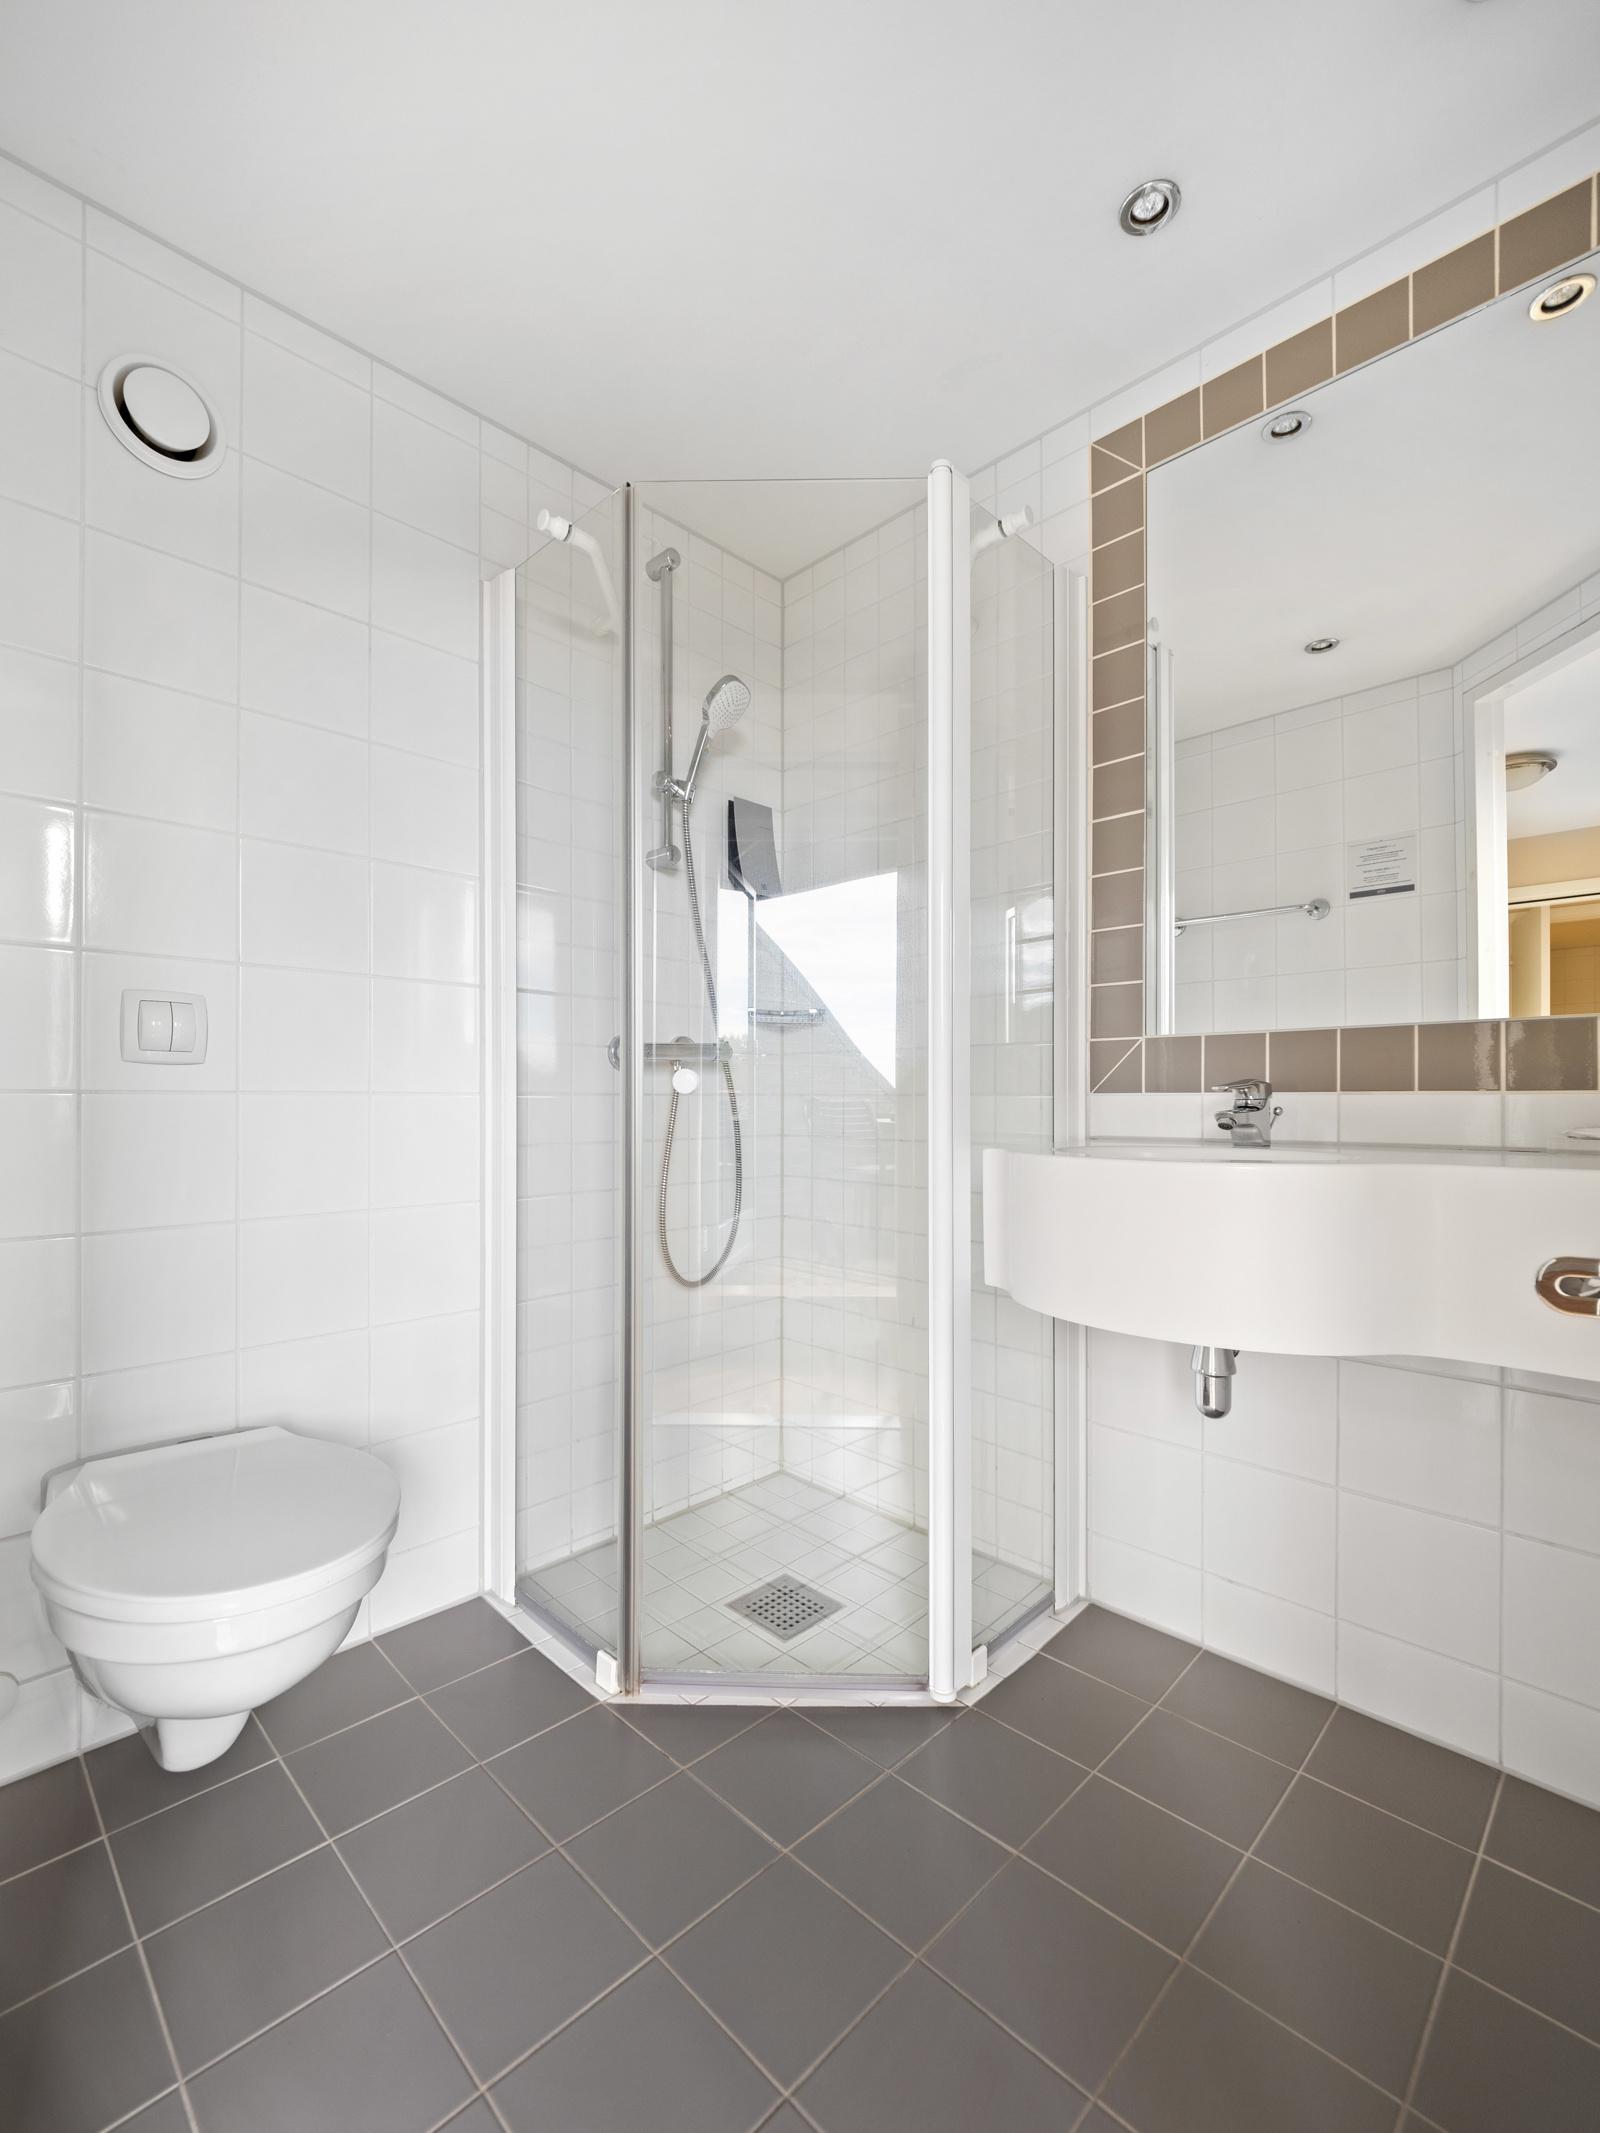 Bad II med vegghengt wc, dusj og servant